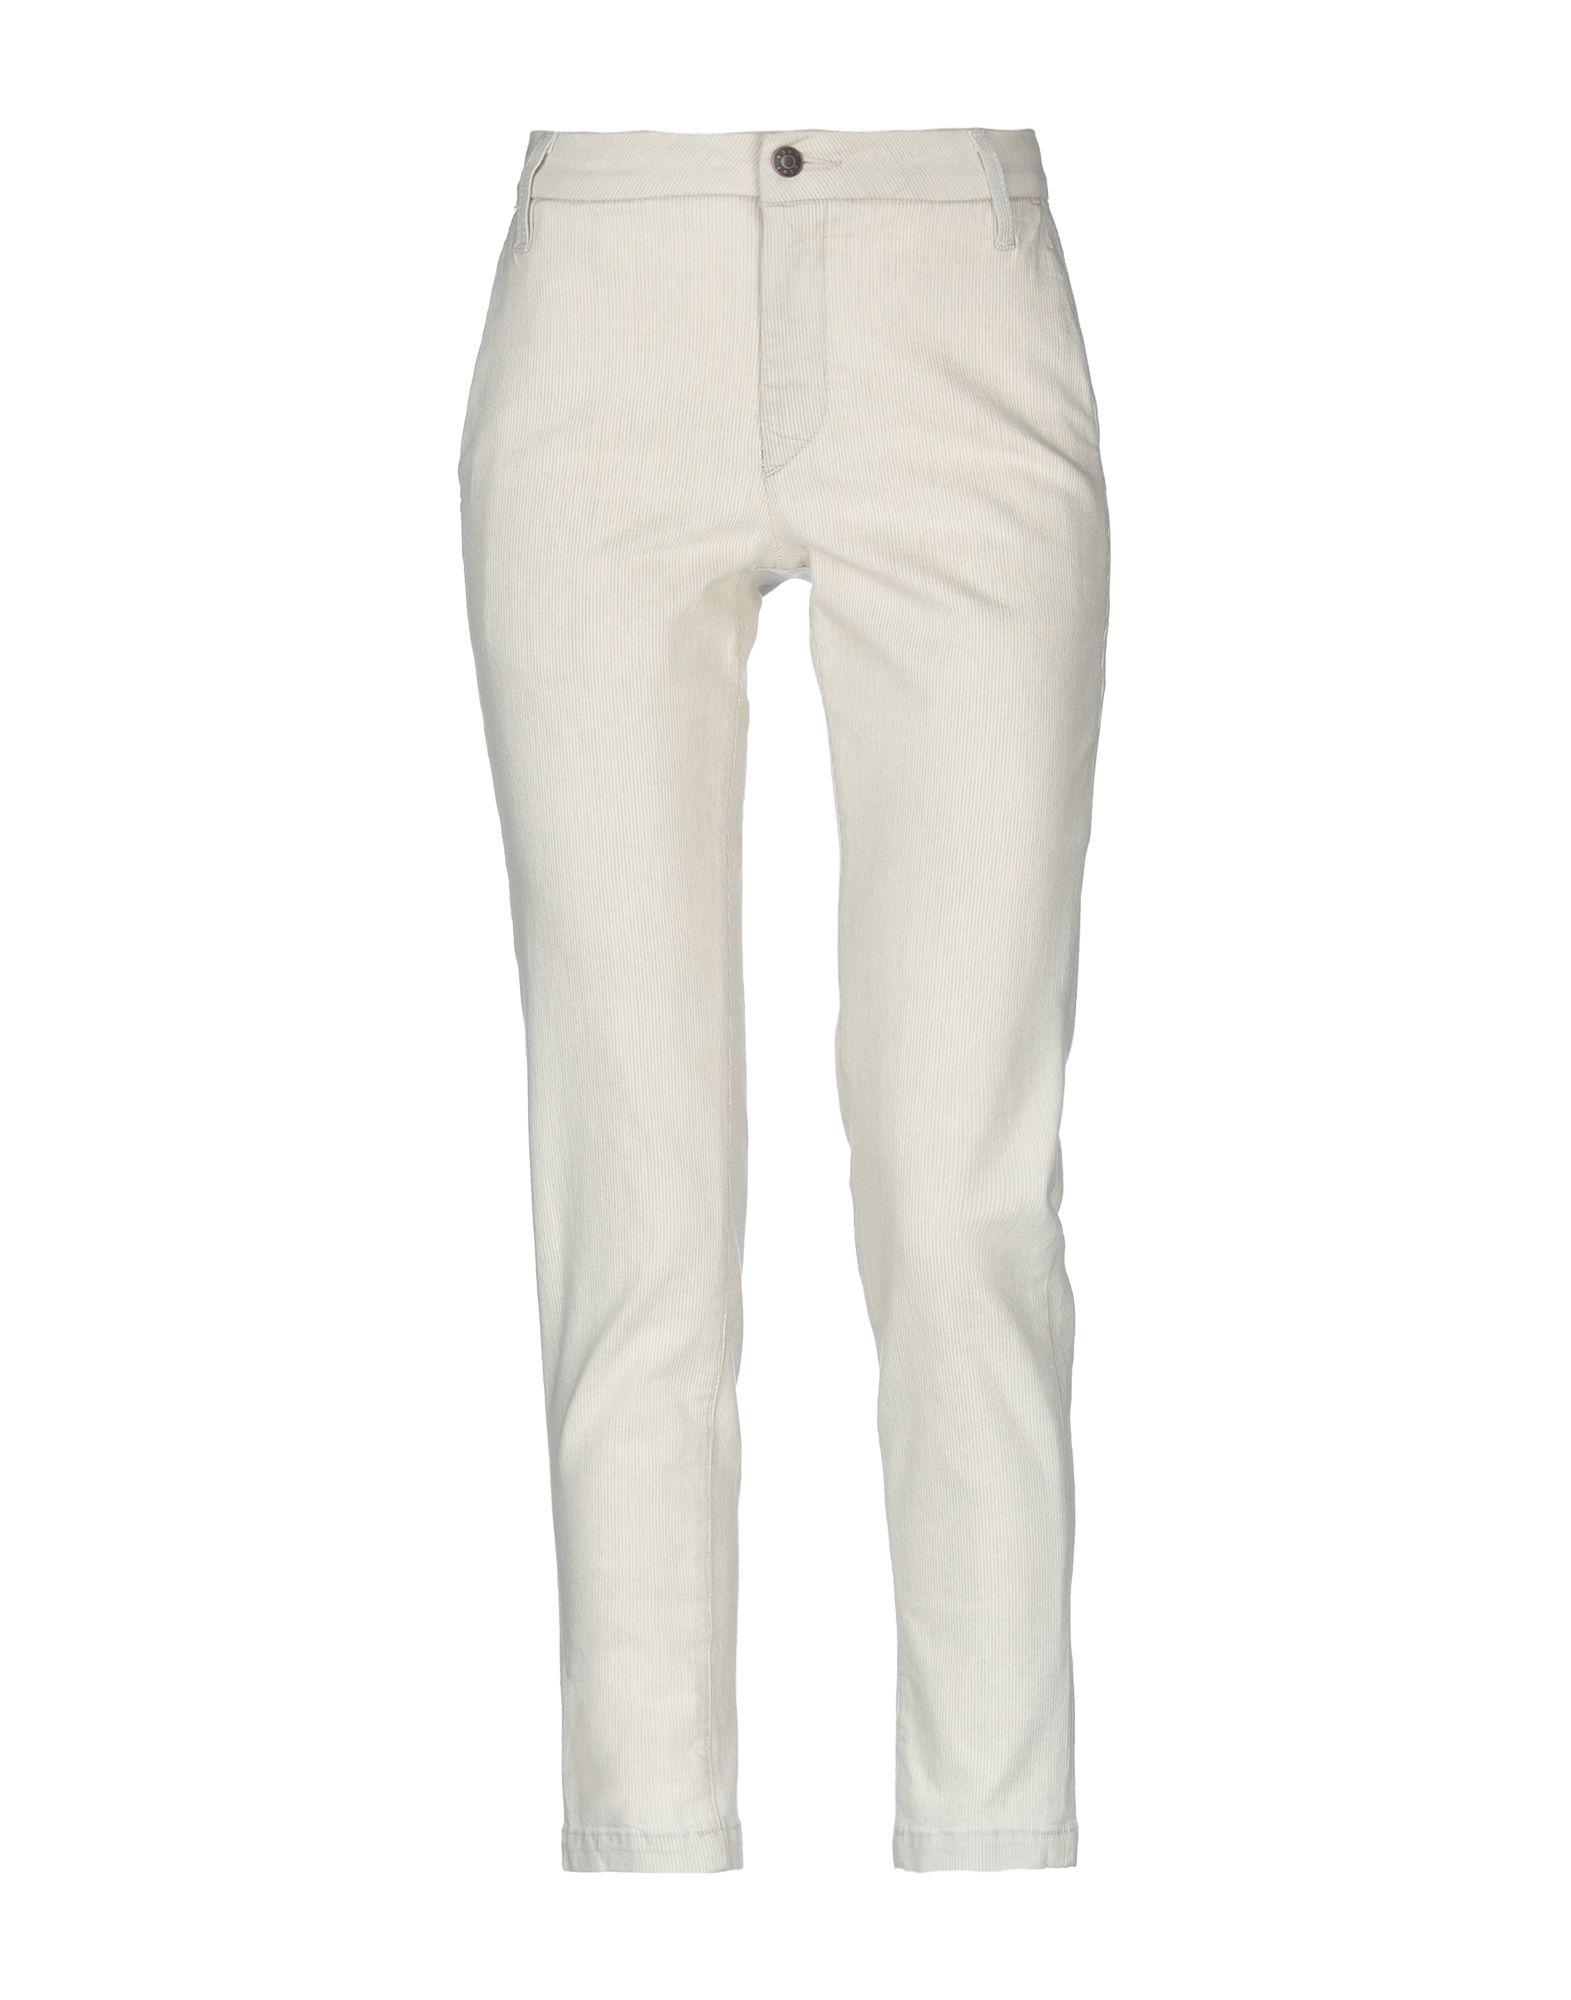 6397 Повседневные брюки